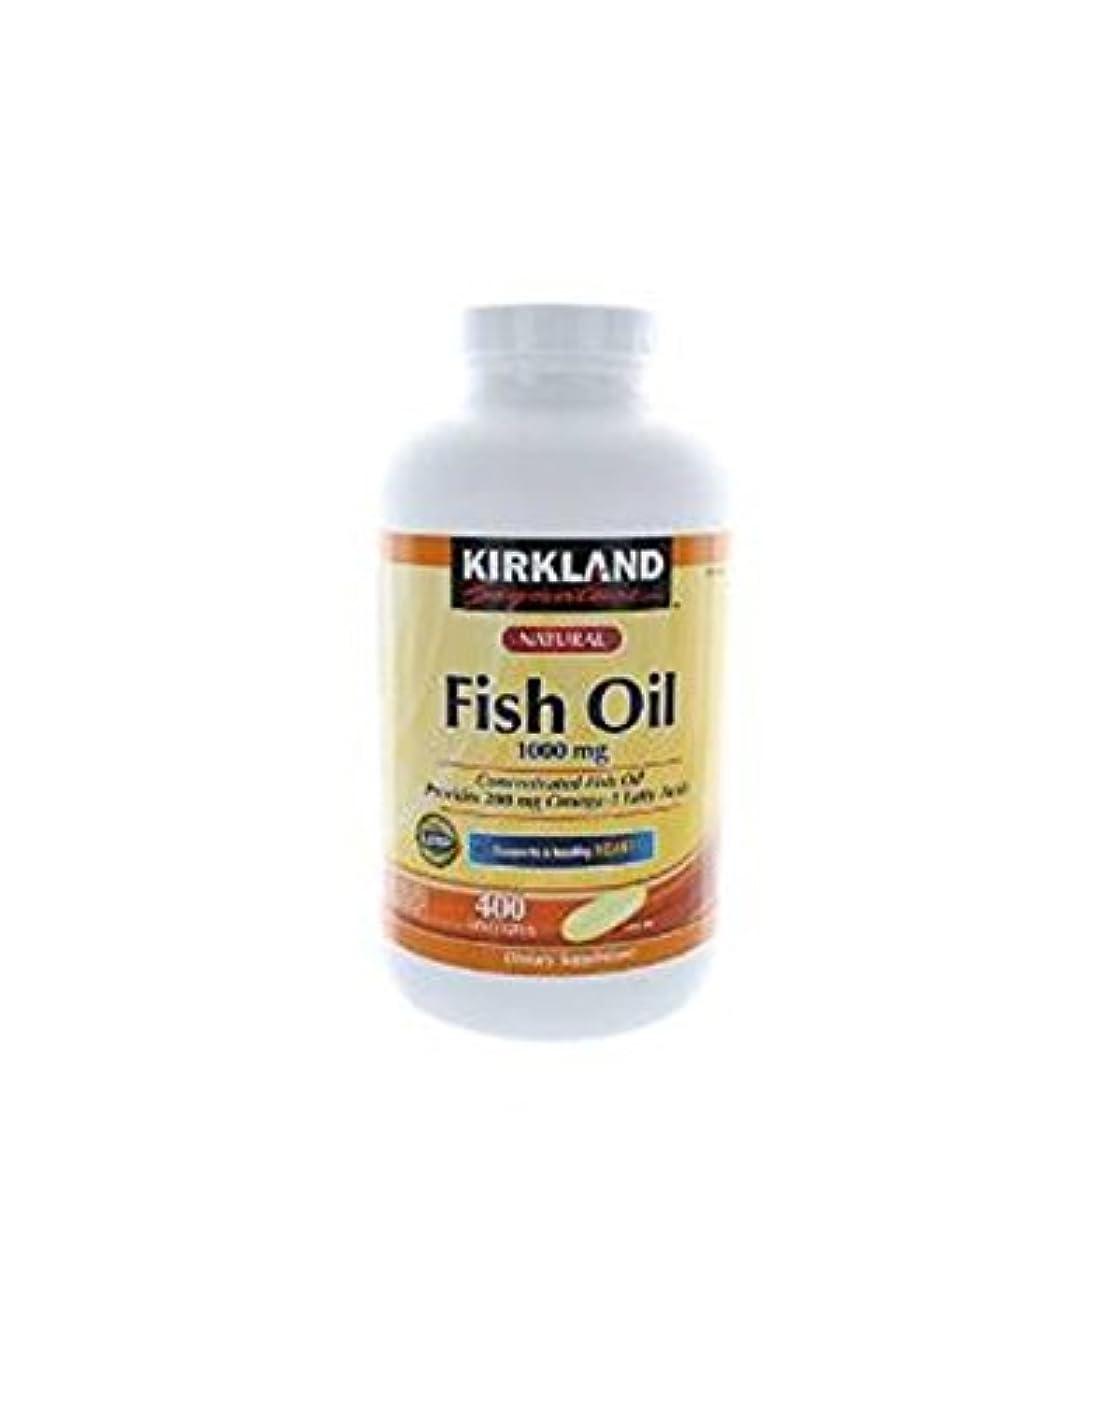 透ける閉じ込めるどんよりしたKirkland Signature Omega-3 Fish Oil Concentrate, 400 Softgels, 1000 mg Fish Oil with 30% Omega-3s (300 mg) 1200...